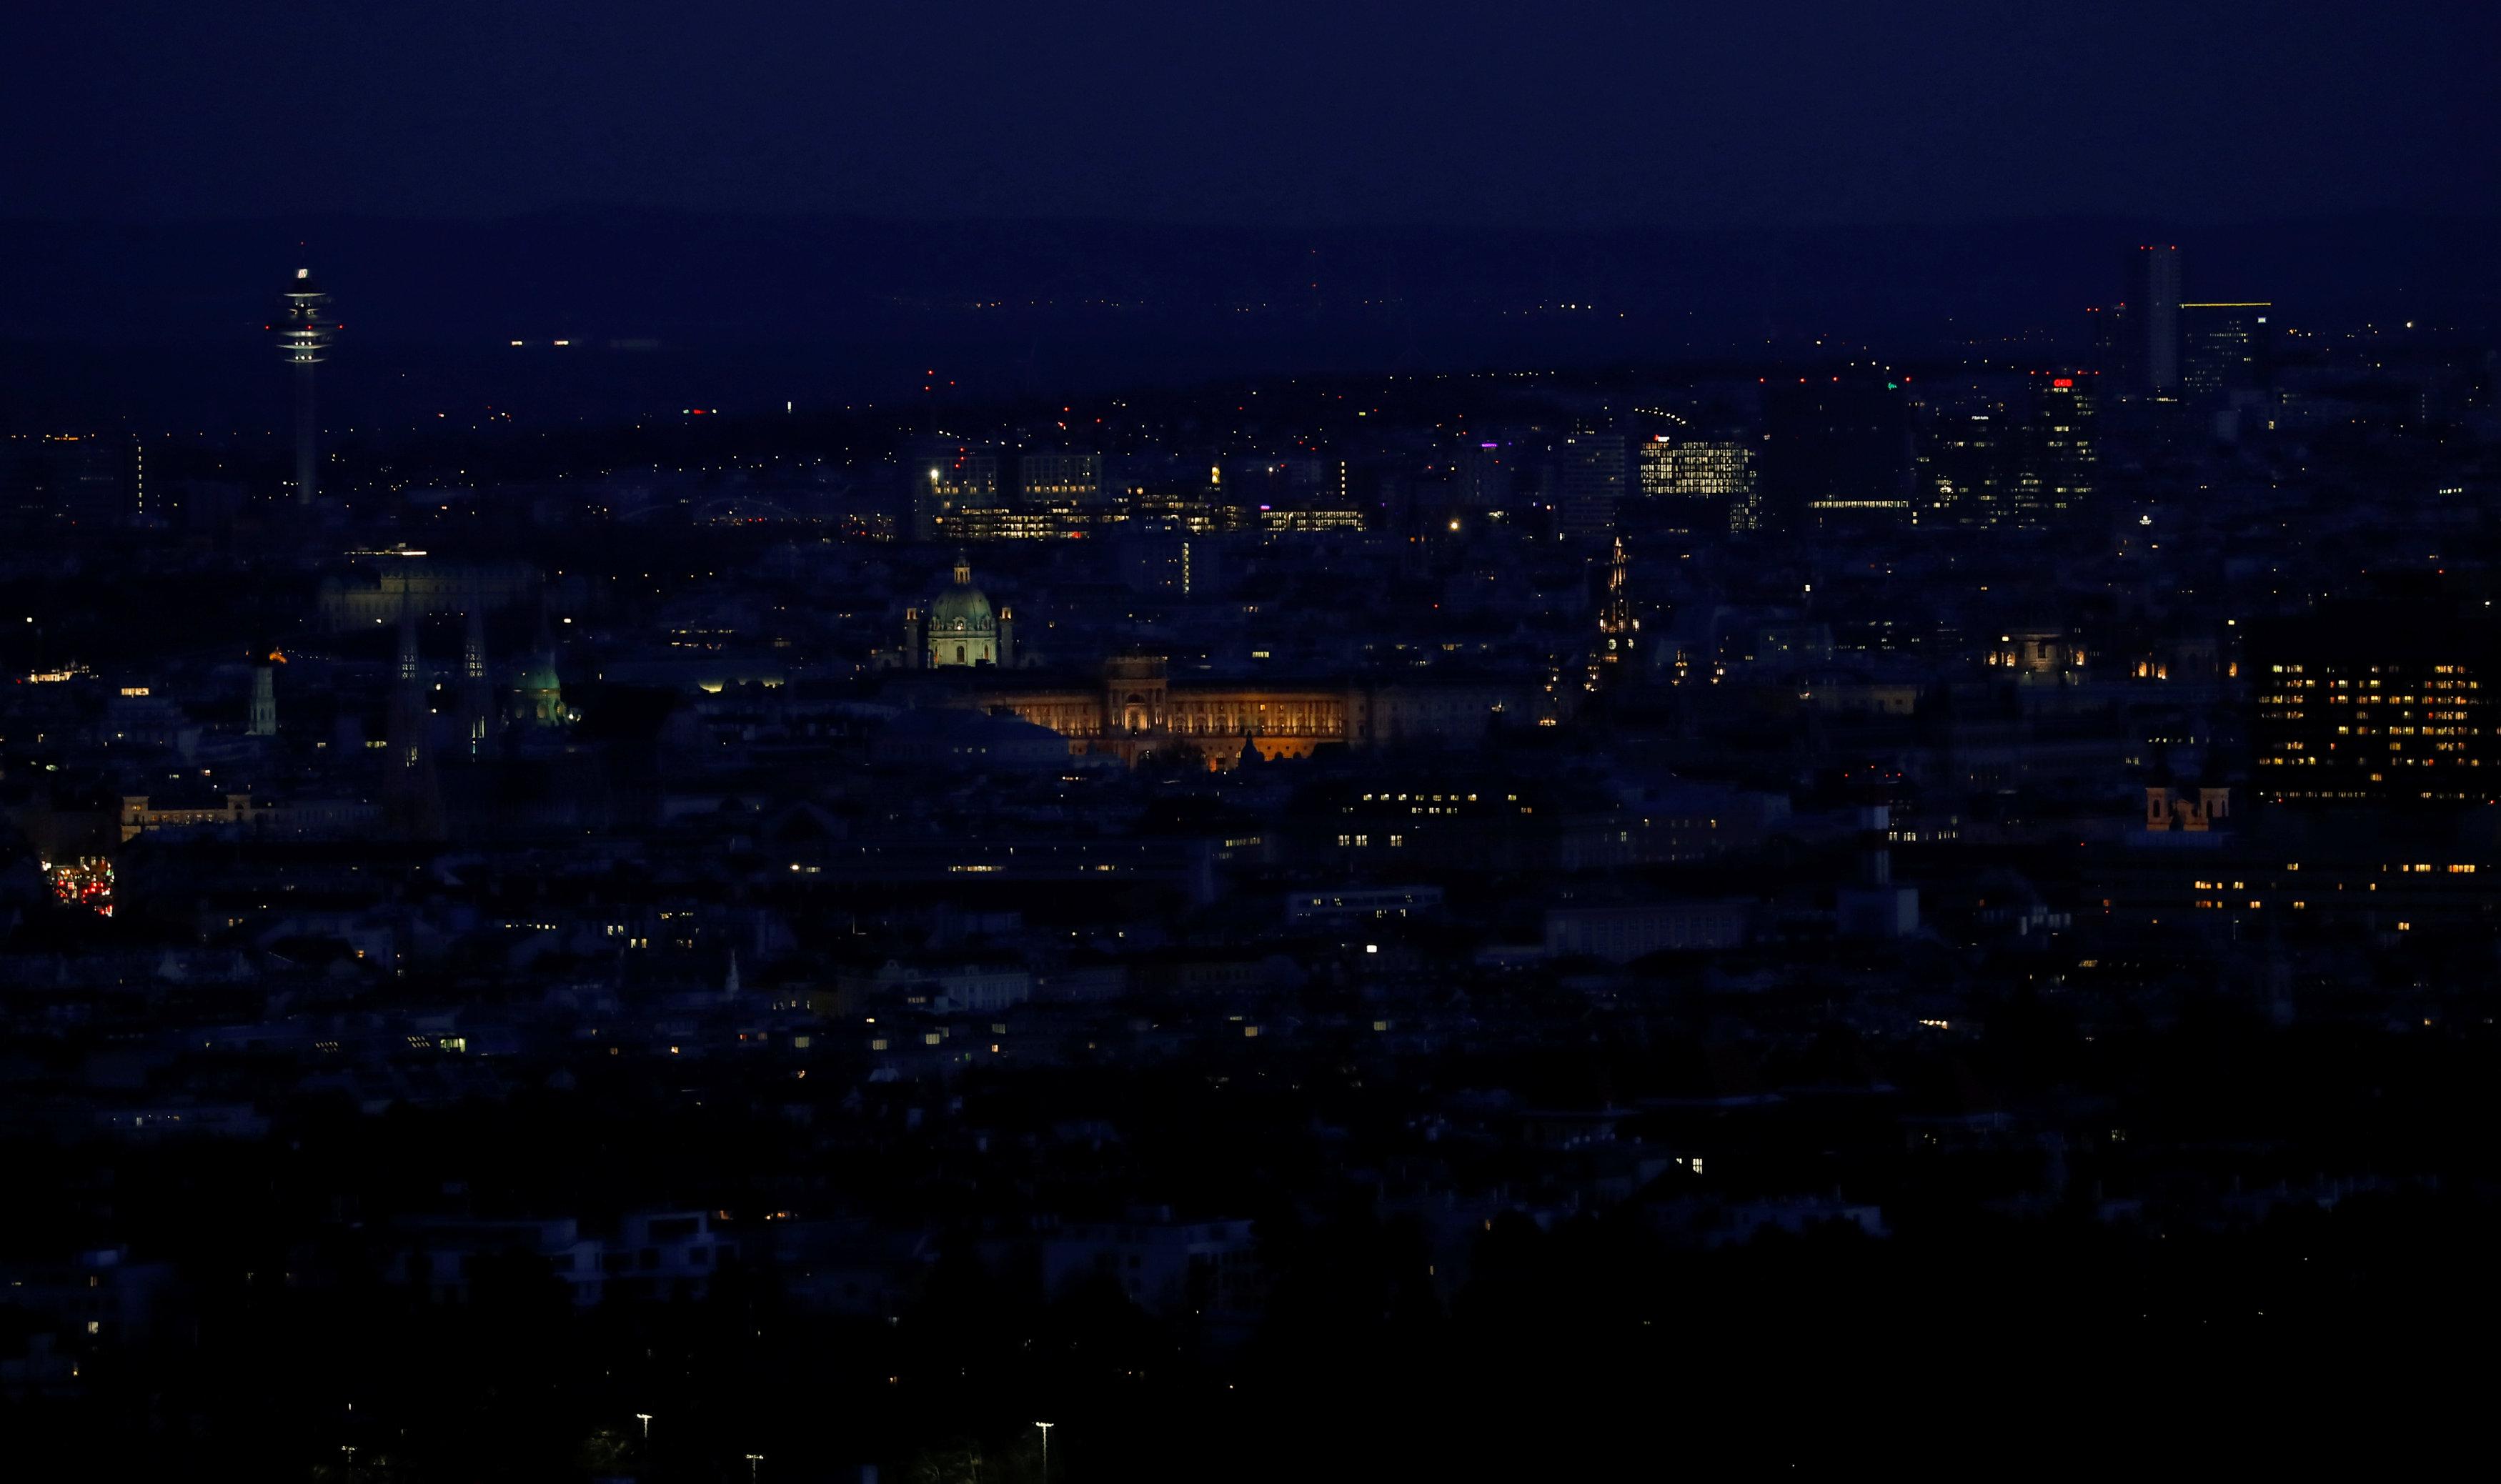 فيينا وقت الظلام تبدو أكثر هدوءا